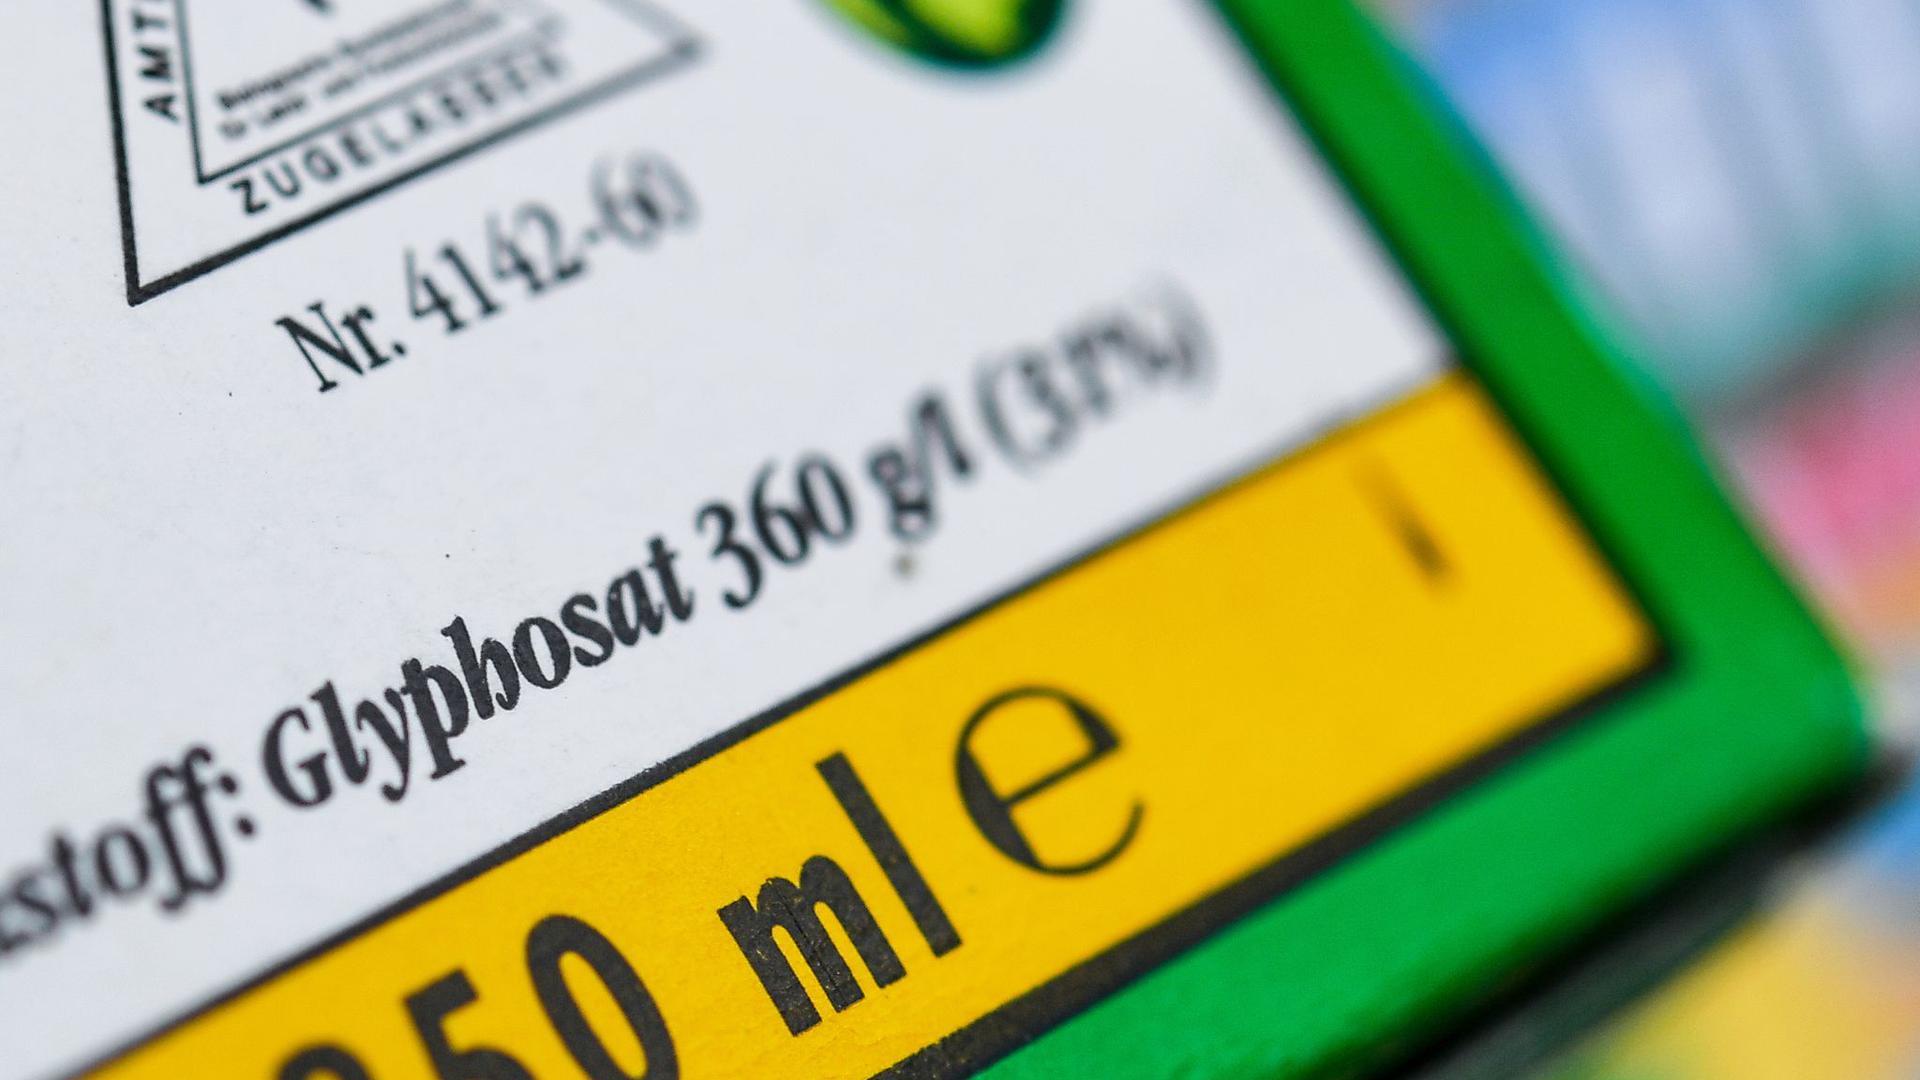 Verpackung eines Unkrautvernichtungsmittels, das den Wirkstoff Glyphosat enthält. Der Agrarchemie- und Pharmakonzern Bayer bekommt bei der angestrebten Einigung im milliardenschweren US-Glyphosatstreit erneut Gegenwind.